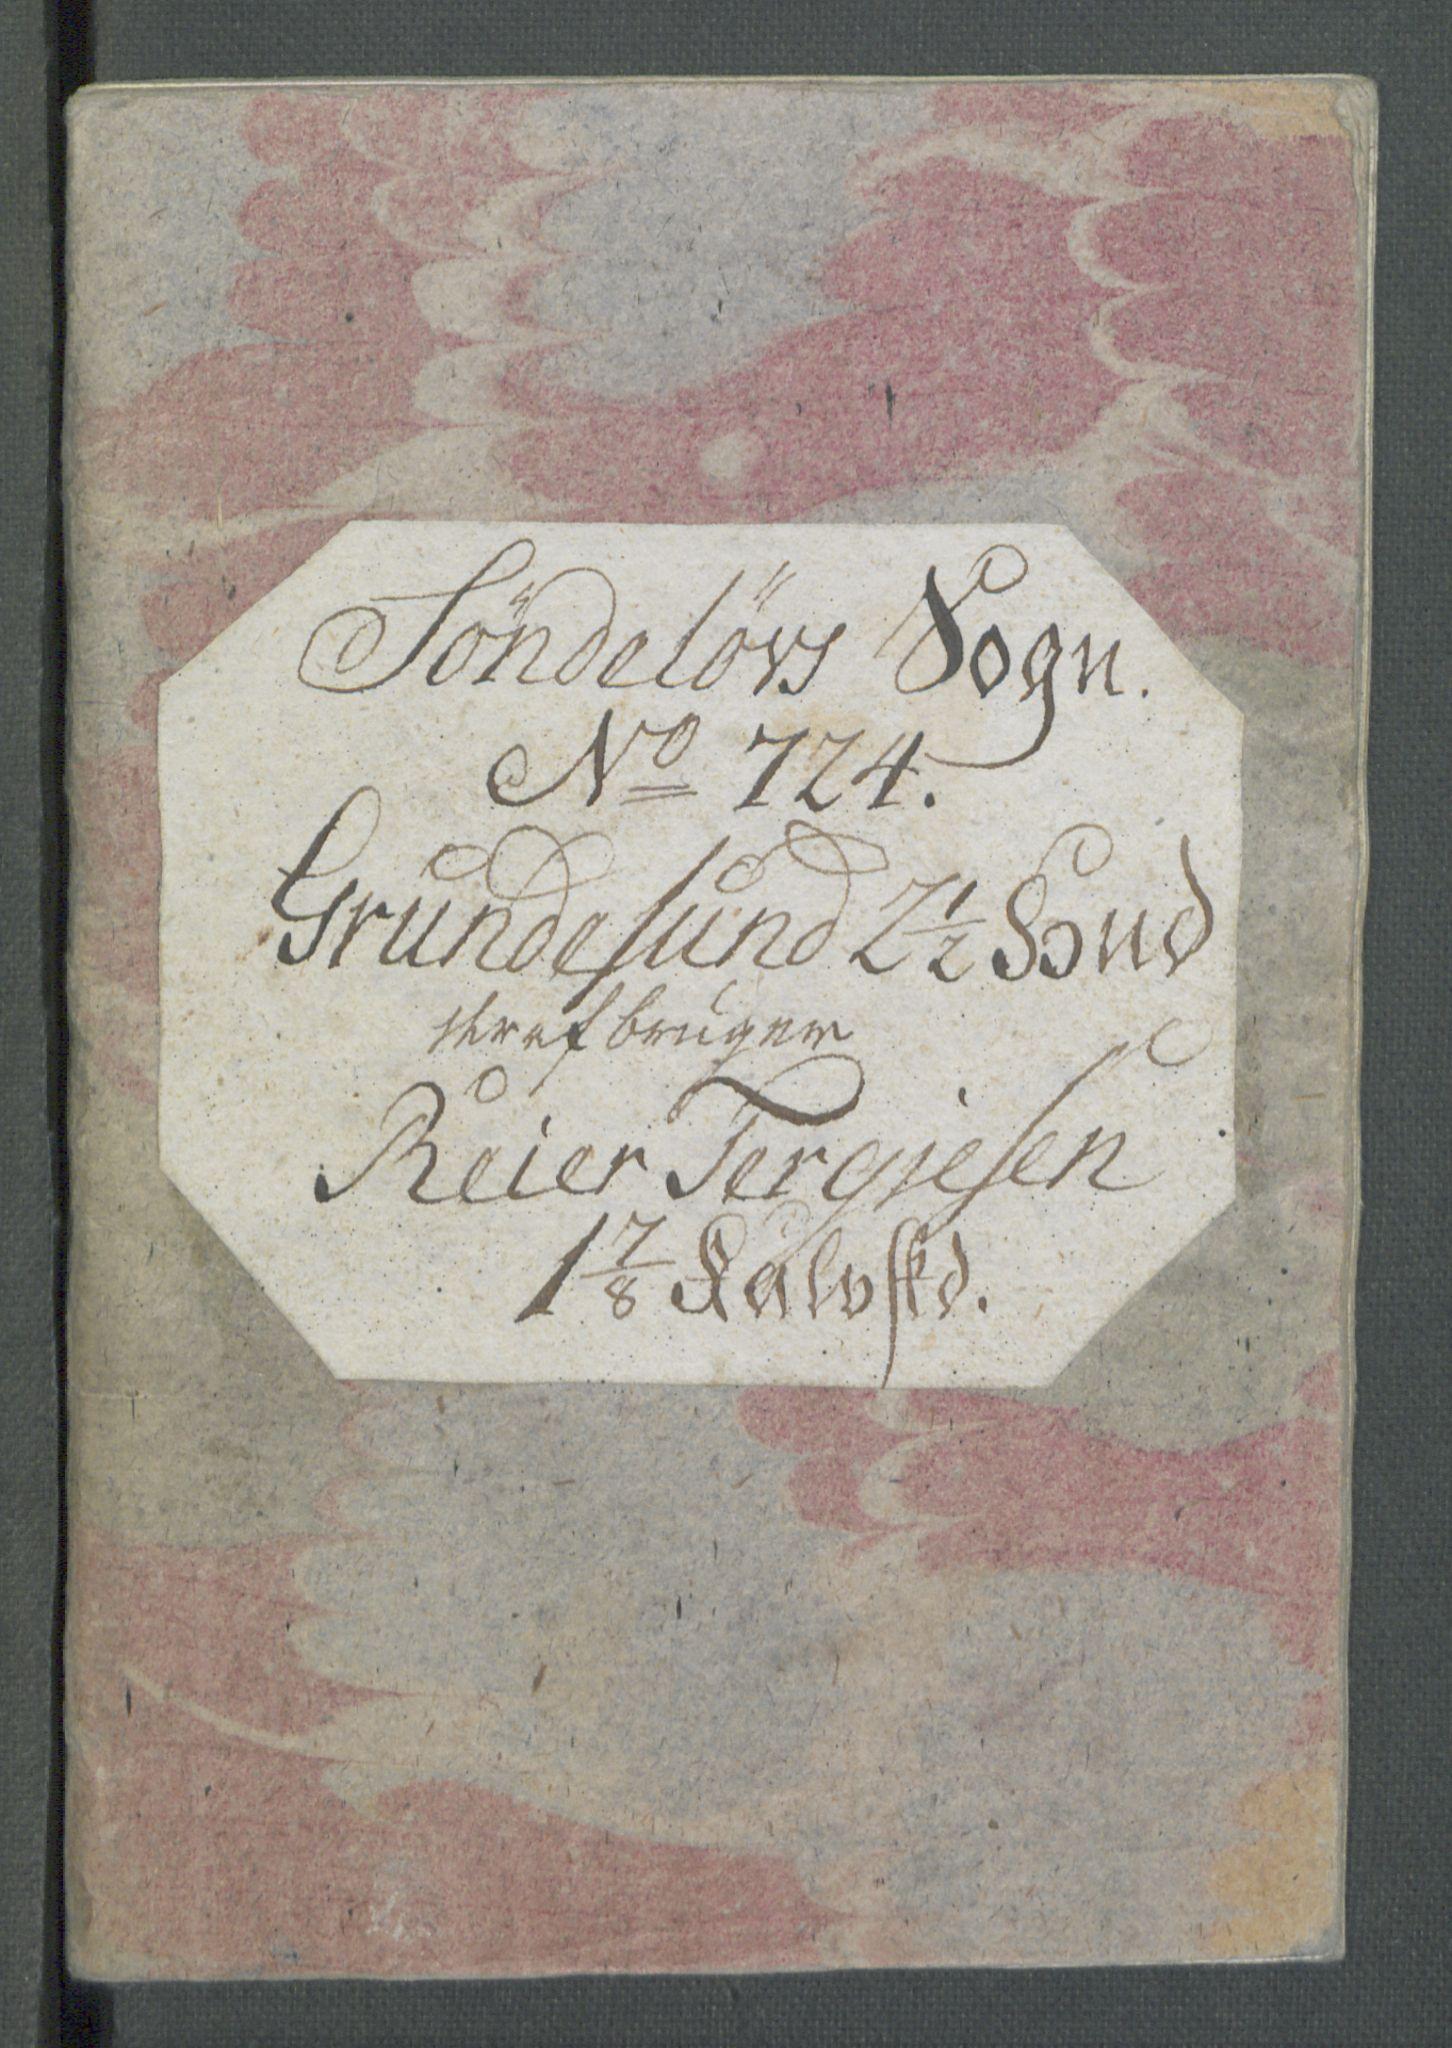 RA, Rentekammeret inntil 1814, Realistisk ordnet avdeling, Od/L0001: Oppløp, 1786-1769, s. 327